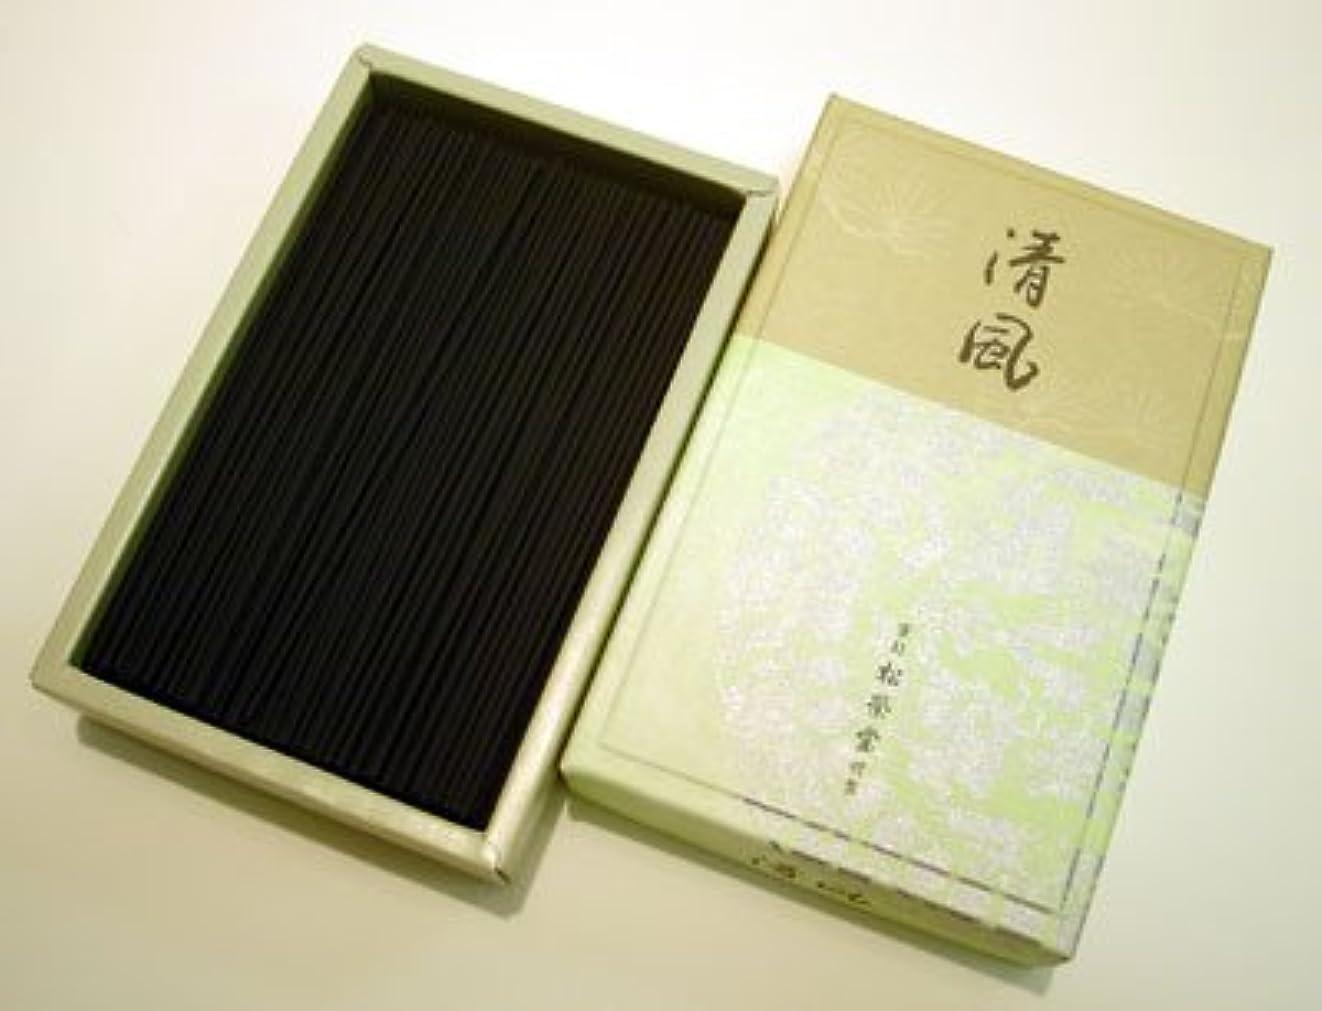 ゼリー左混乱させる極上の天然香料をふんだんに使用 京都松栄堂 清風(せいふう)